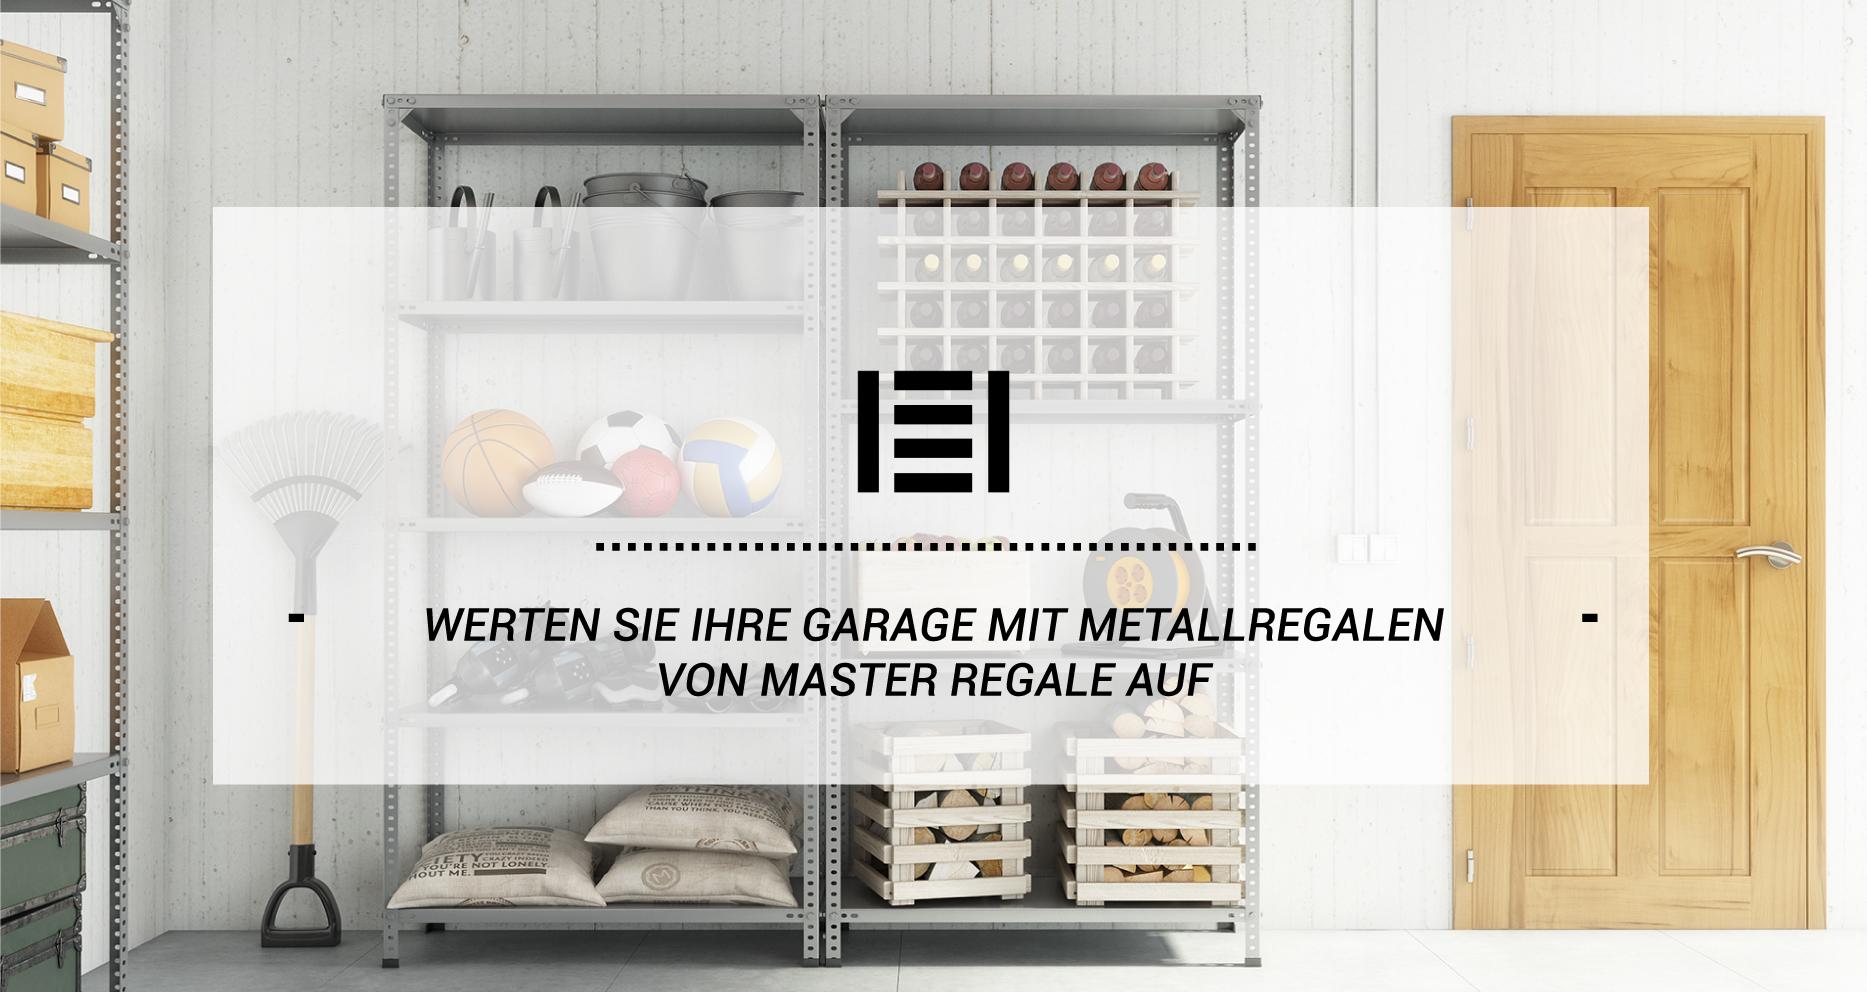 Werten Sie ihre Garage mit Metallregalen von Master Regale auf